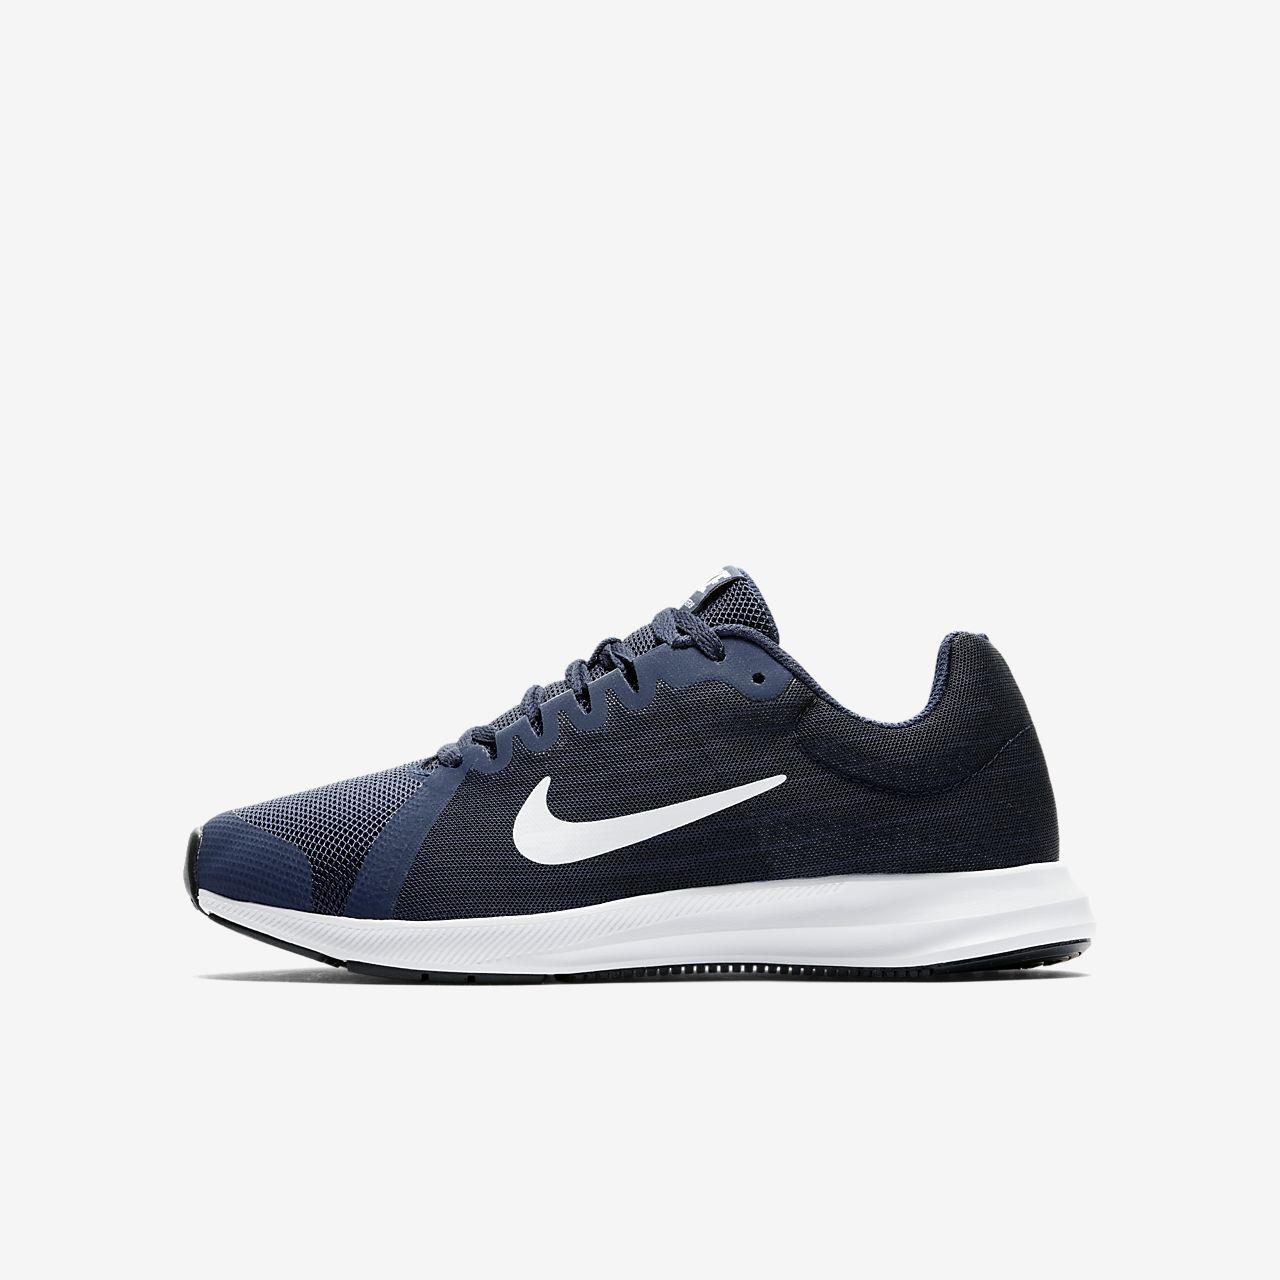 Беговые кроссовки для мальчиков школьного возраста Nike Downshifter 8